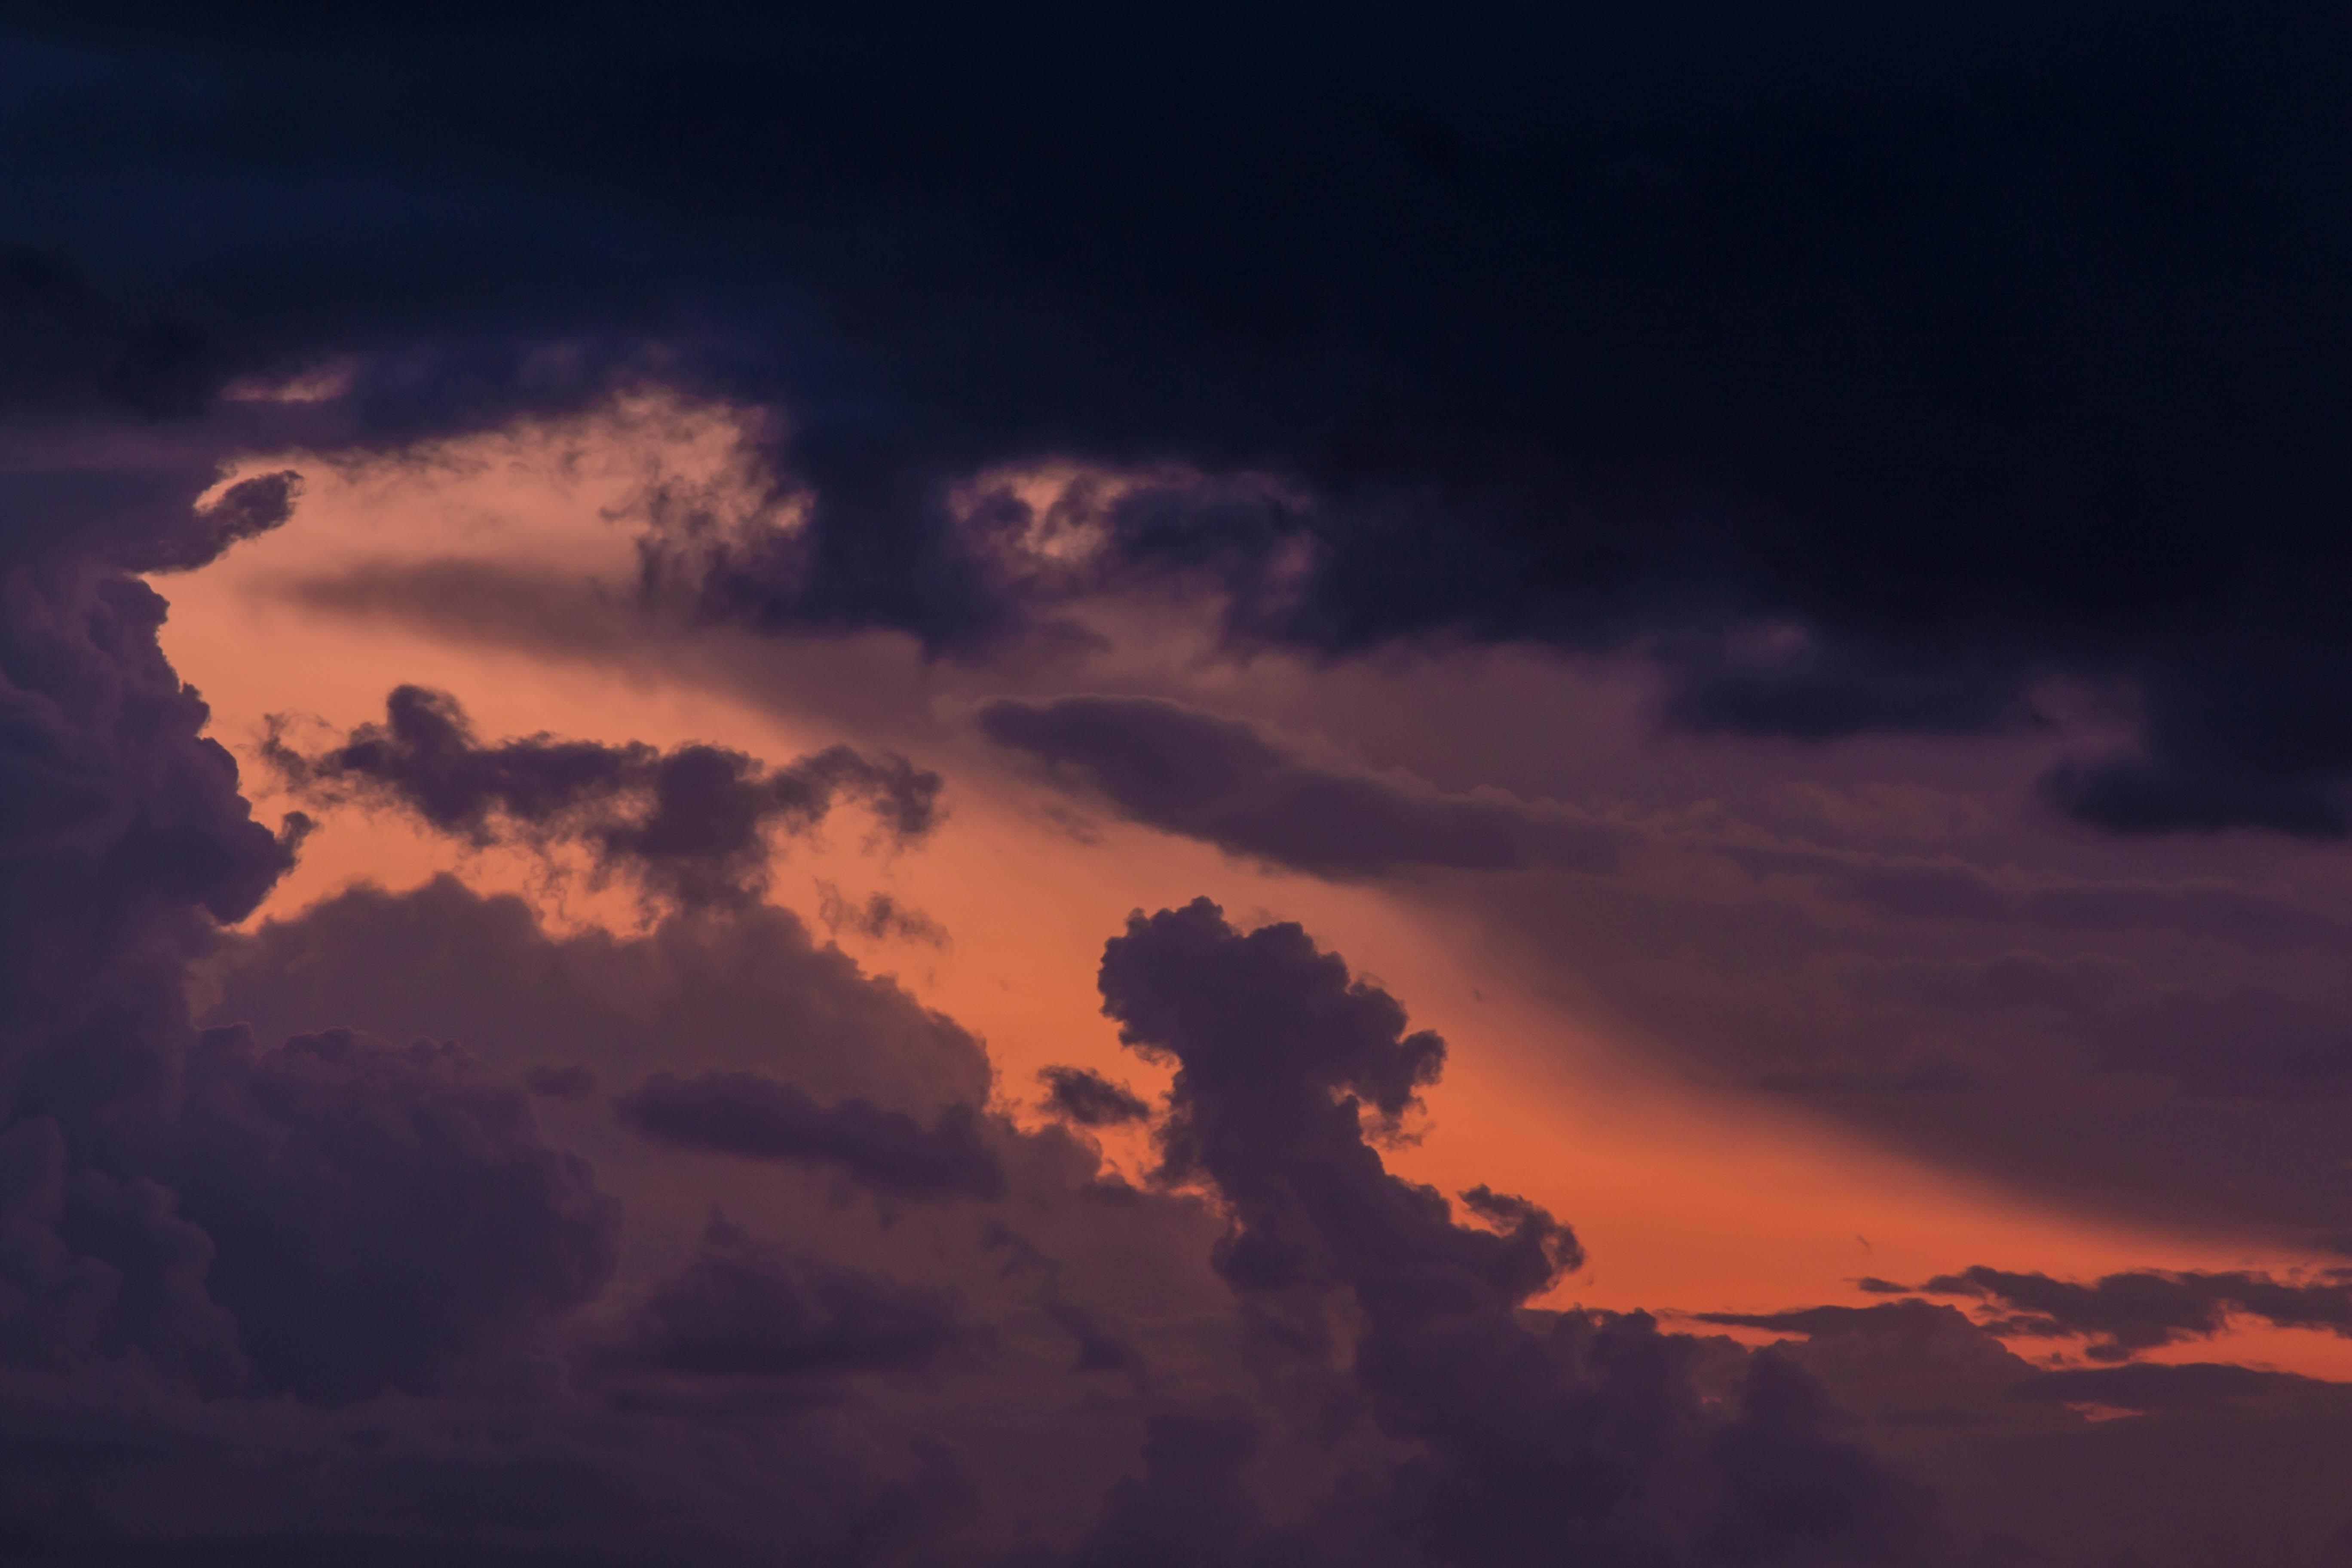 orange sky behind dark clouds